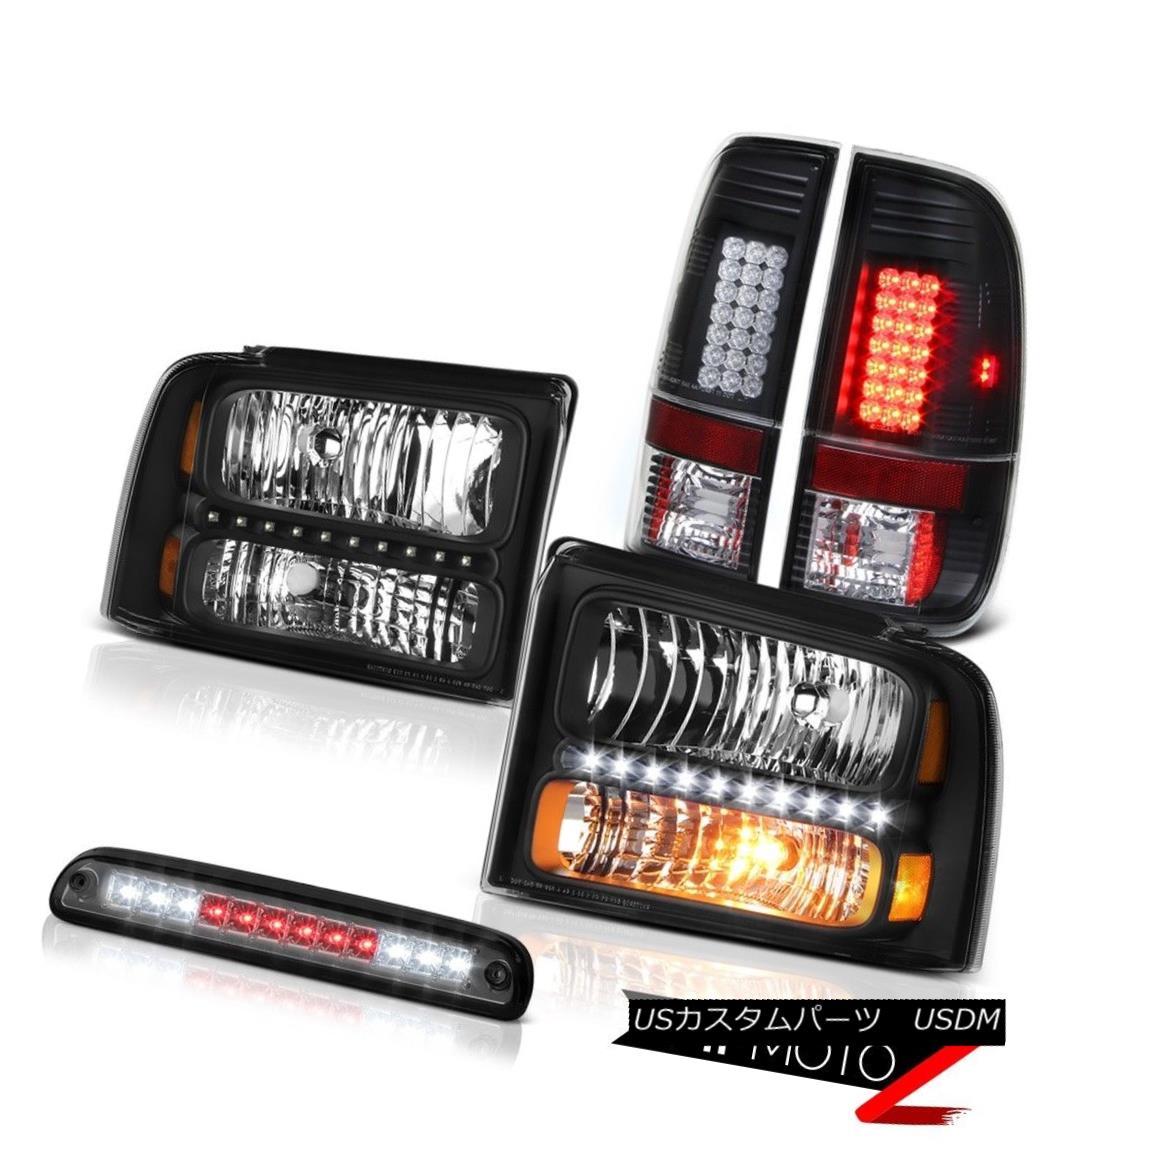 ヘッドライト 05-07 Ford F250 Headlights Headlamps Bright LED Tail Lights Tinted Third Brake 05-07 Ford F250ヘッドライトヘッドランプ明るいLEDテールライト着色第3ブレーキ